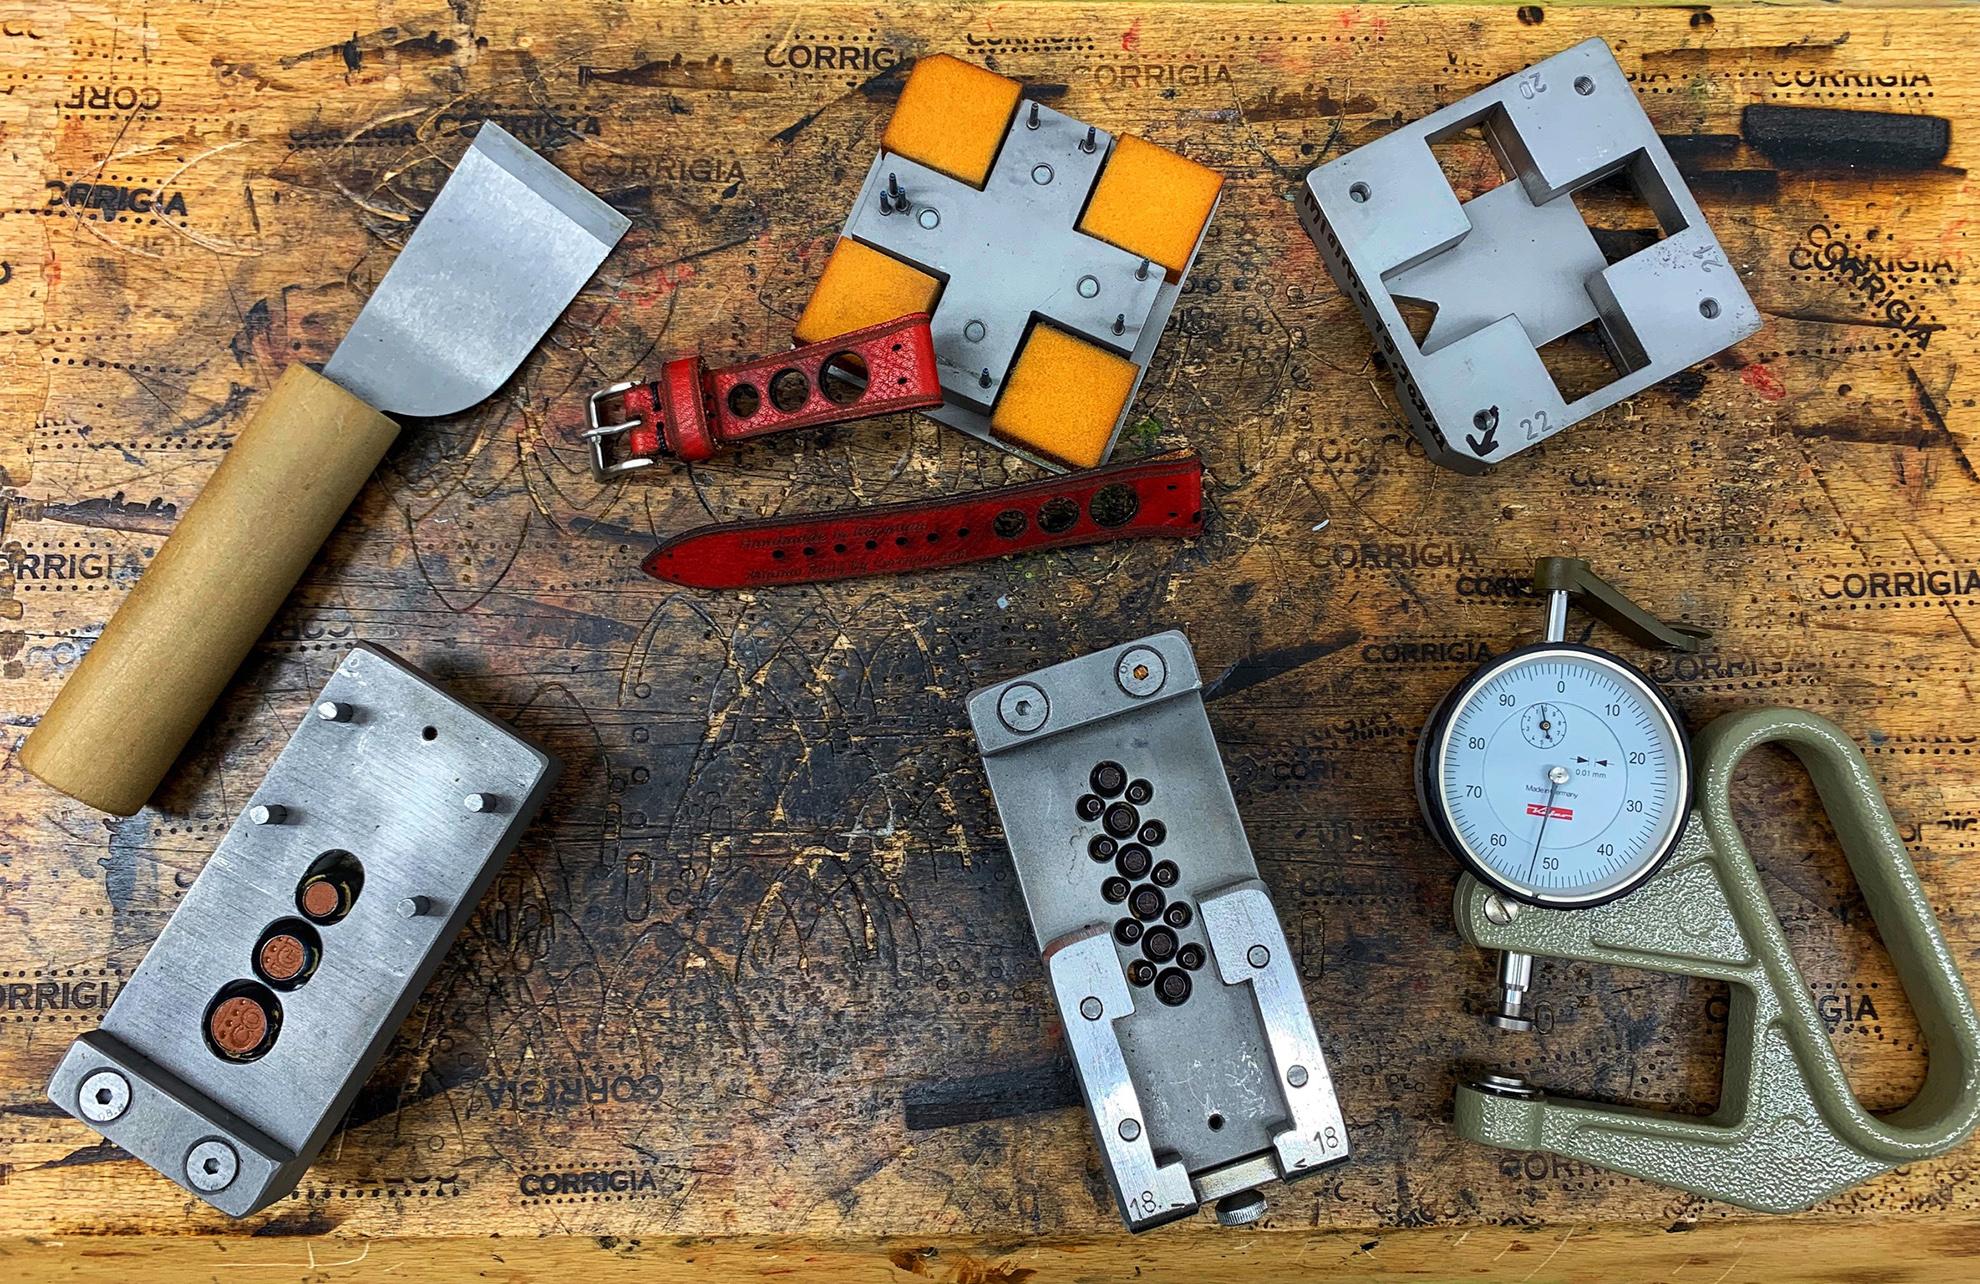 Rally-Strap-vintage-tools-klein